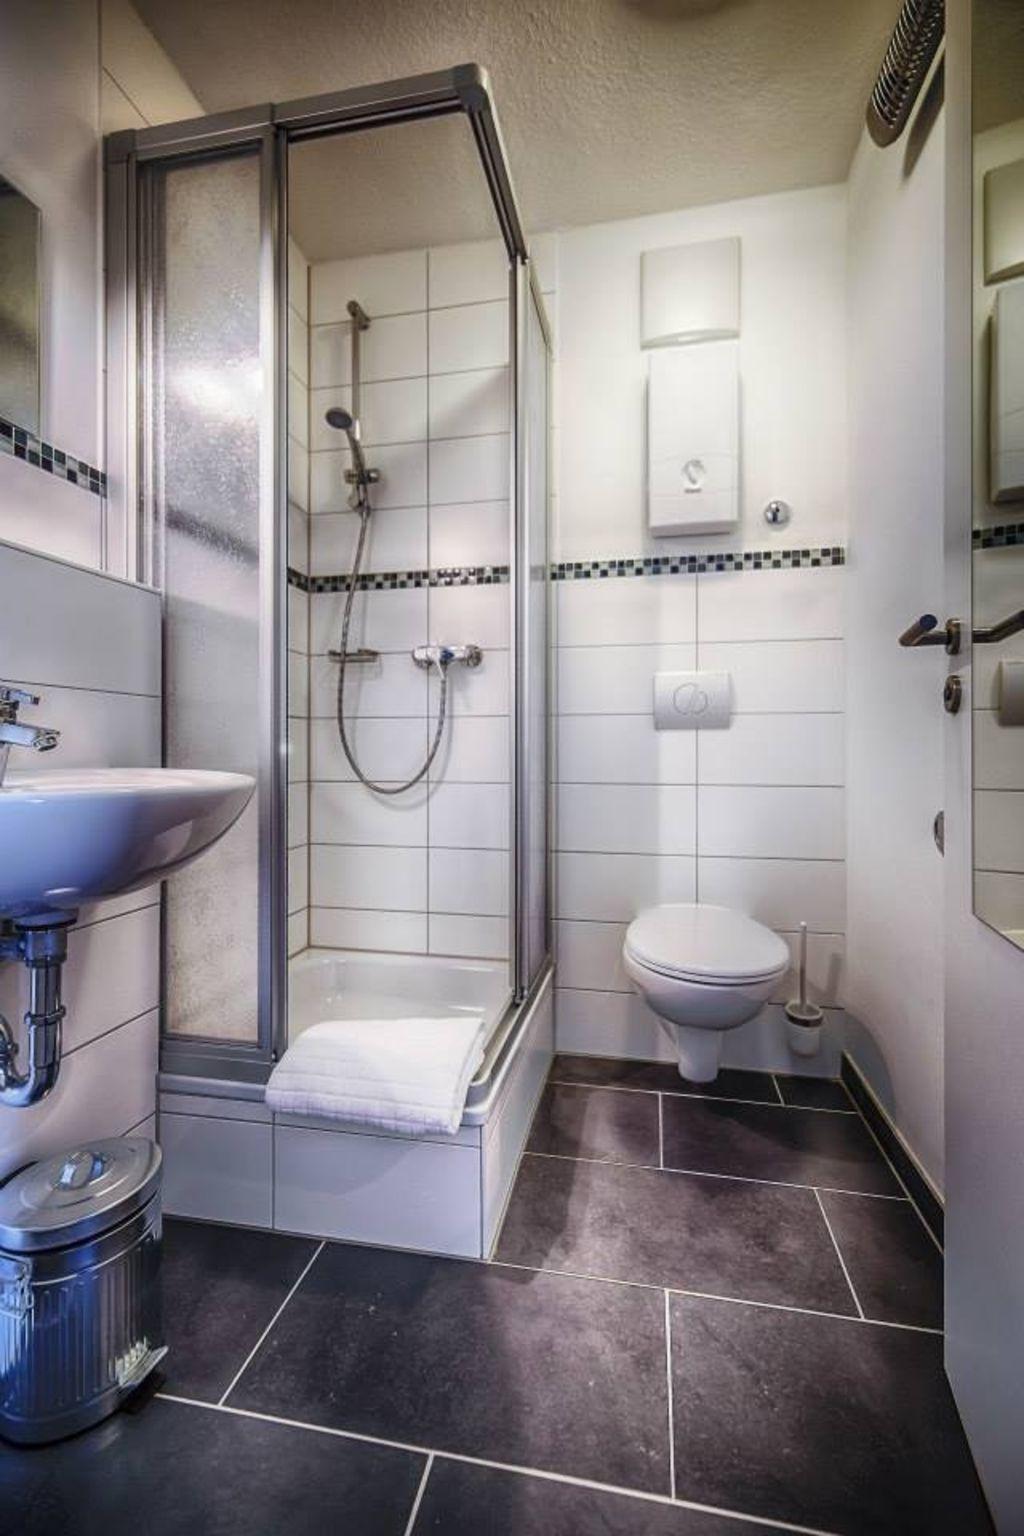 image 9 furnished 1 bedroom Apartment for rent in Koblenz, Koblenz